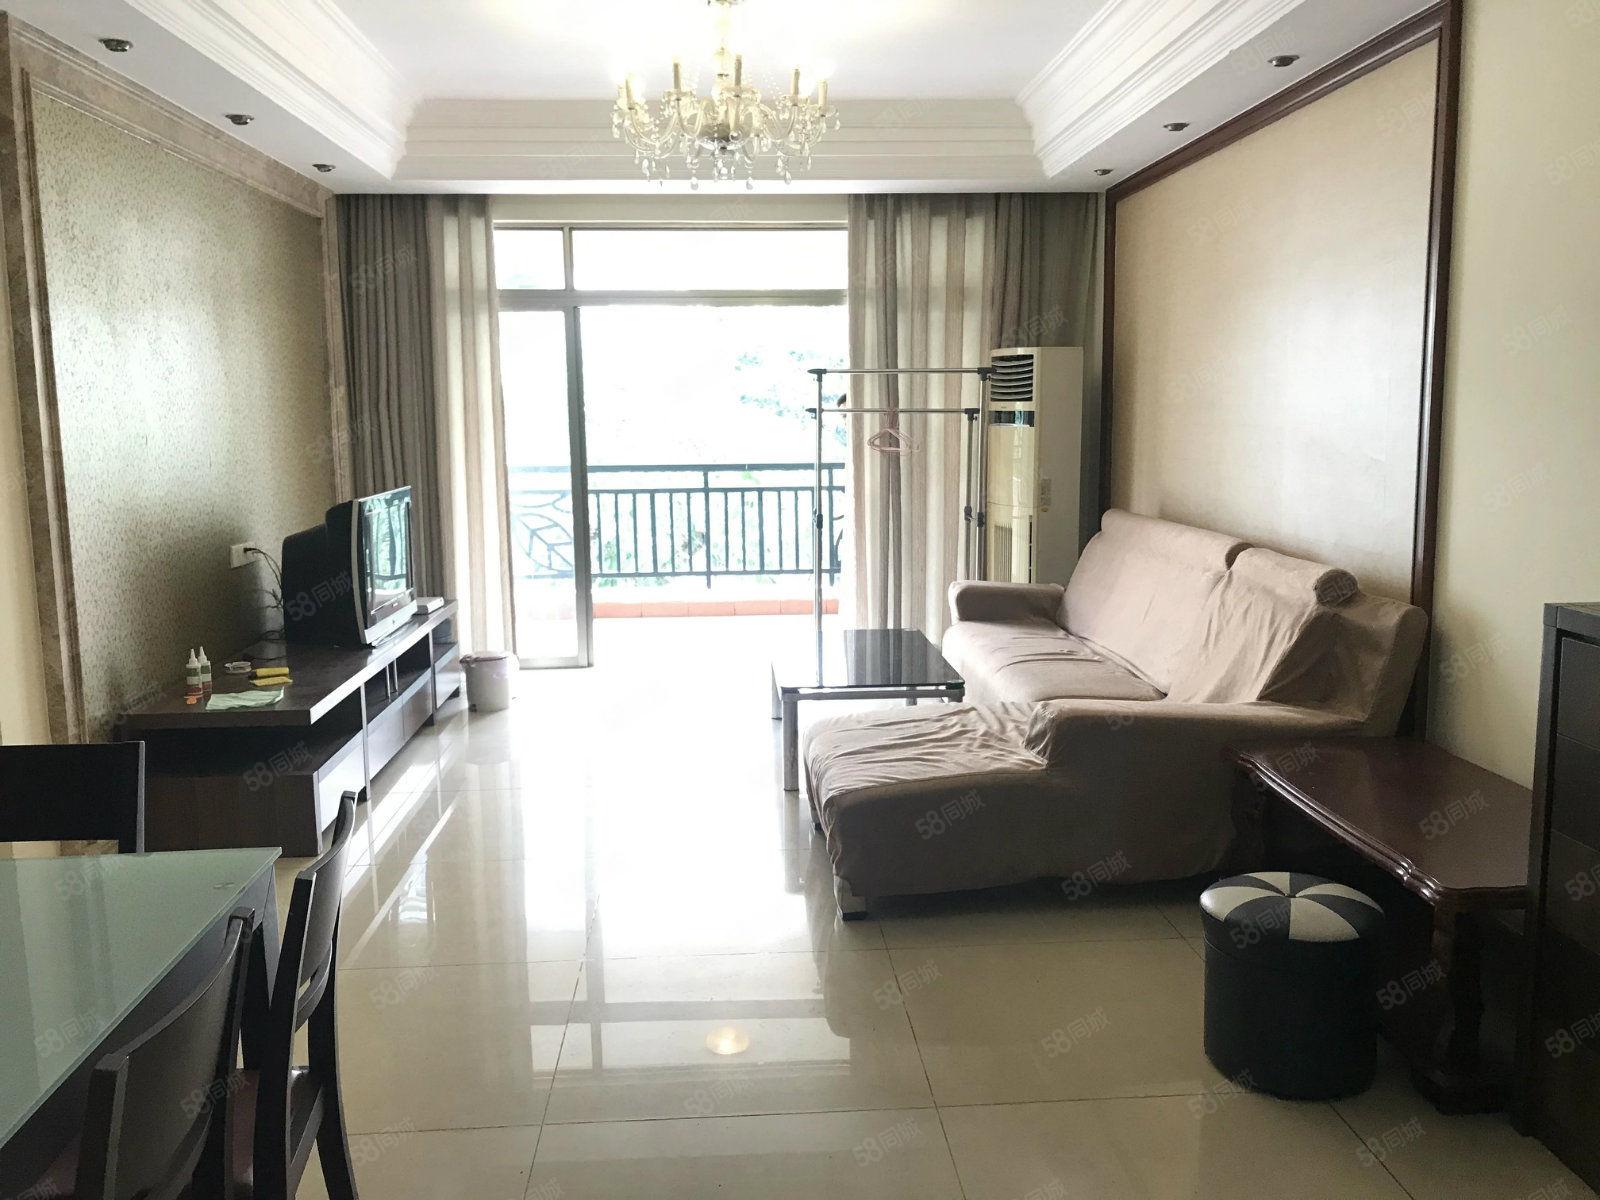 碧桂园给您一个高品质服务级的家拎包入住随时看房配套齐全